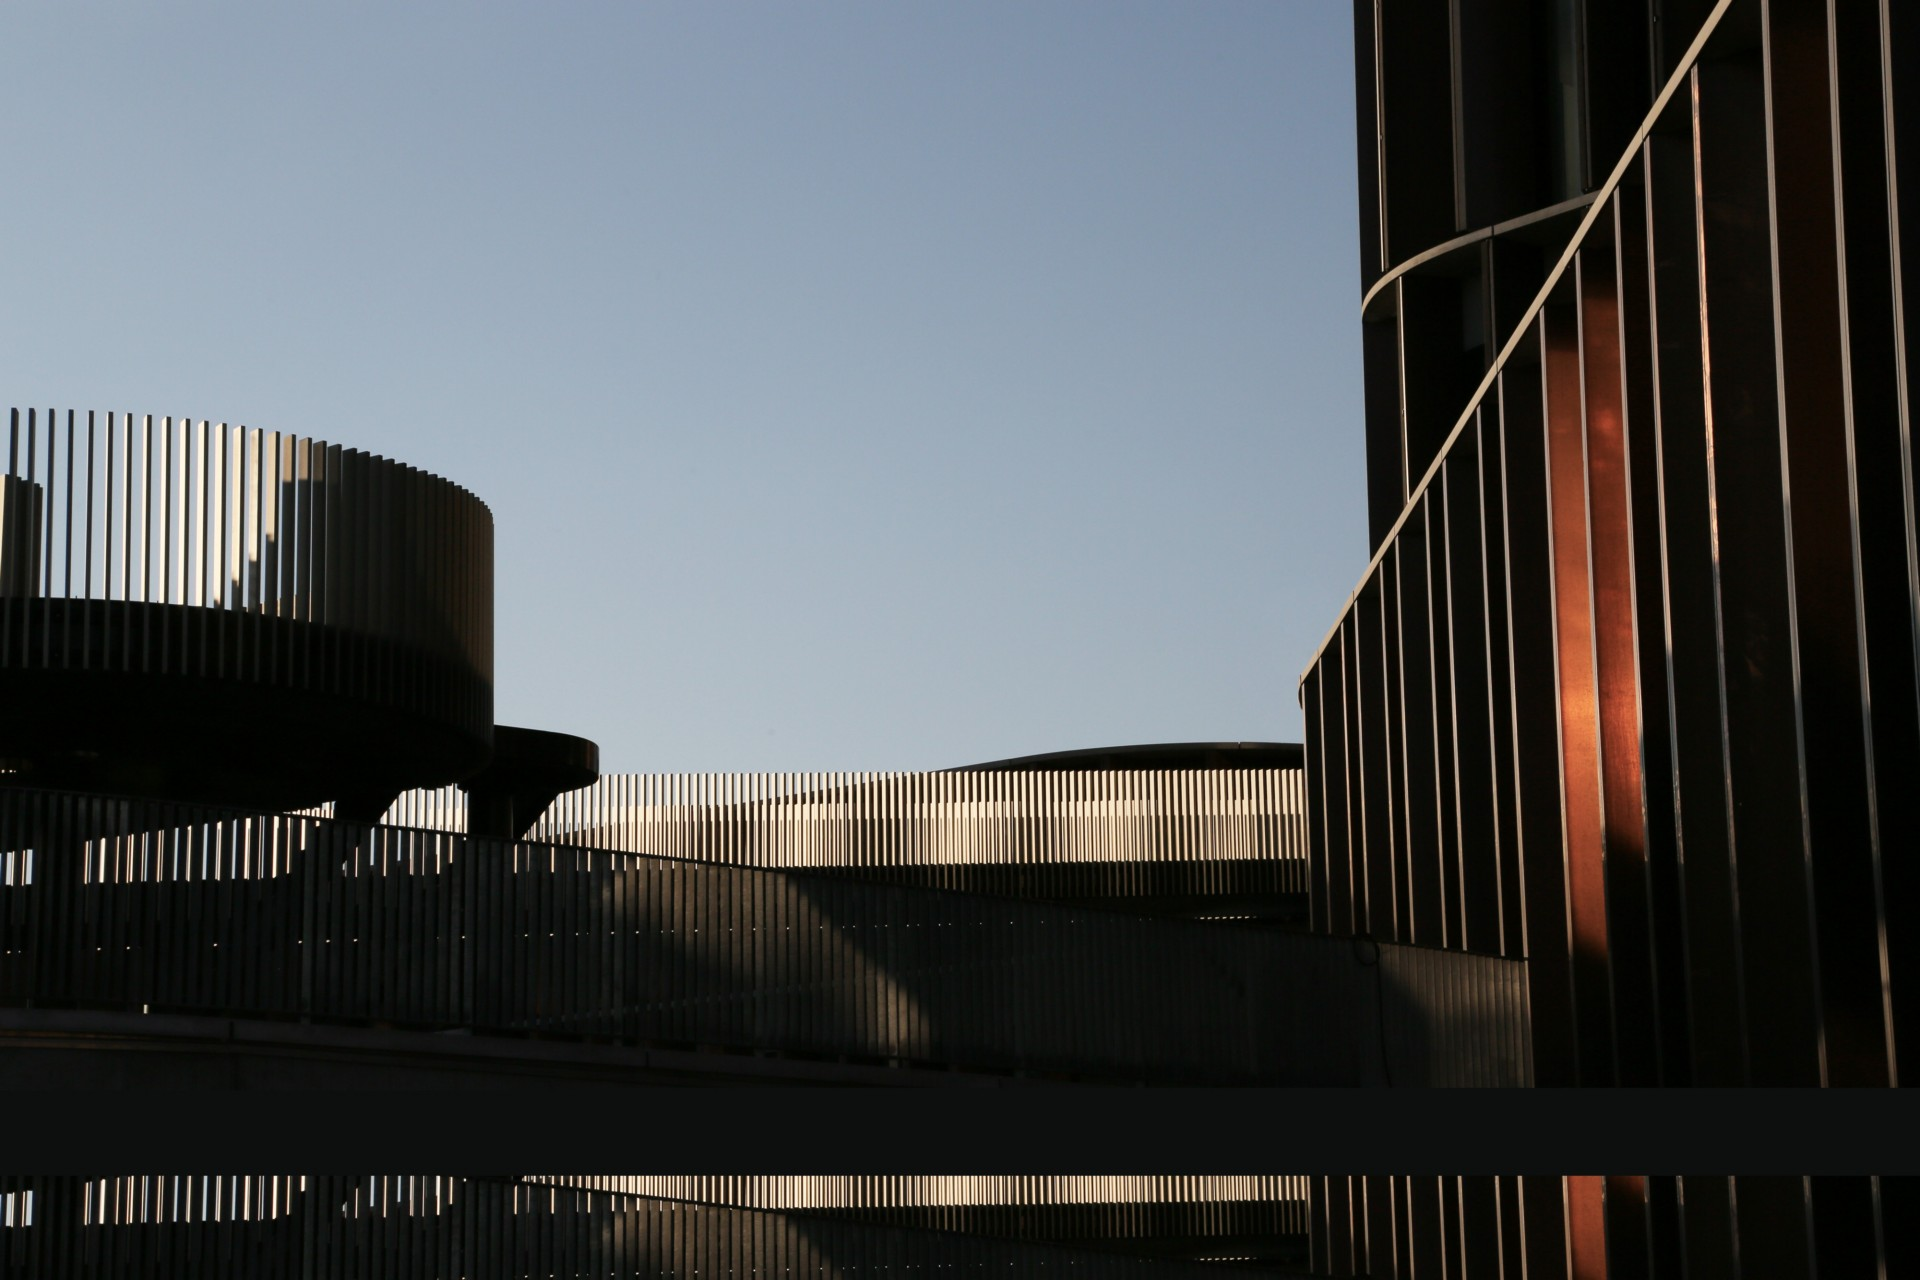 C.F. Møller Architects, Maersk Tower, bâtiment iconique à Copenhague